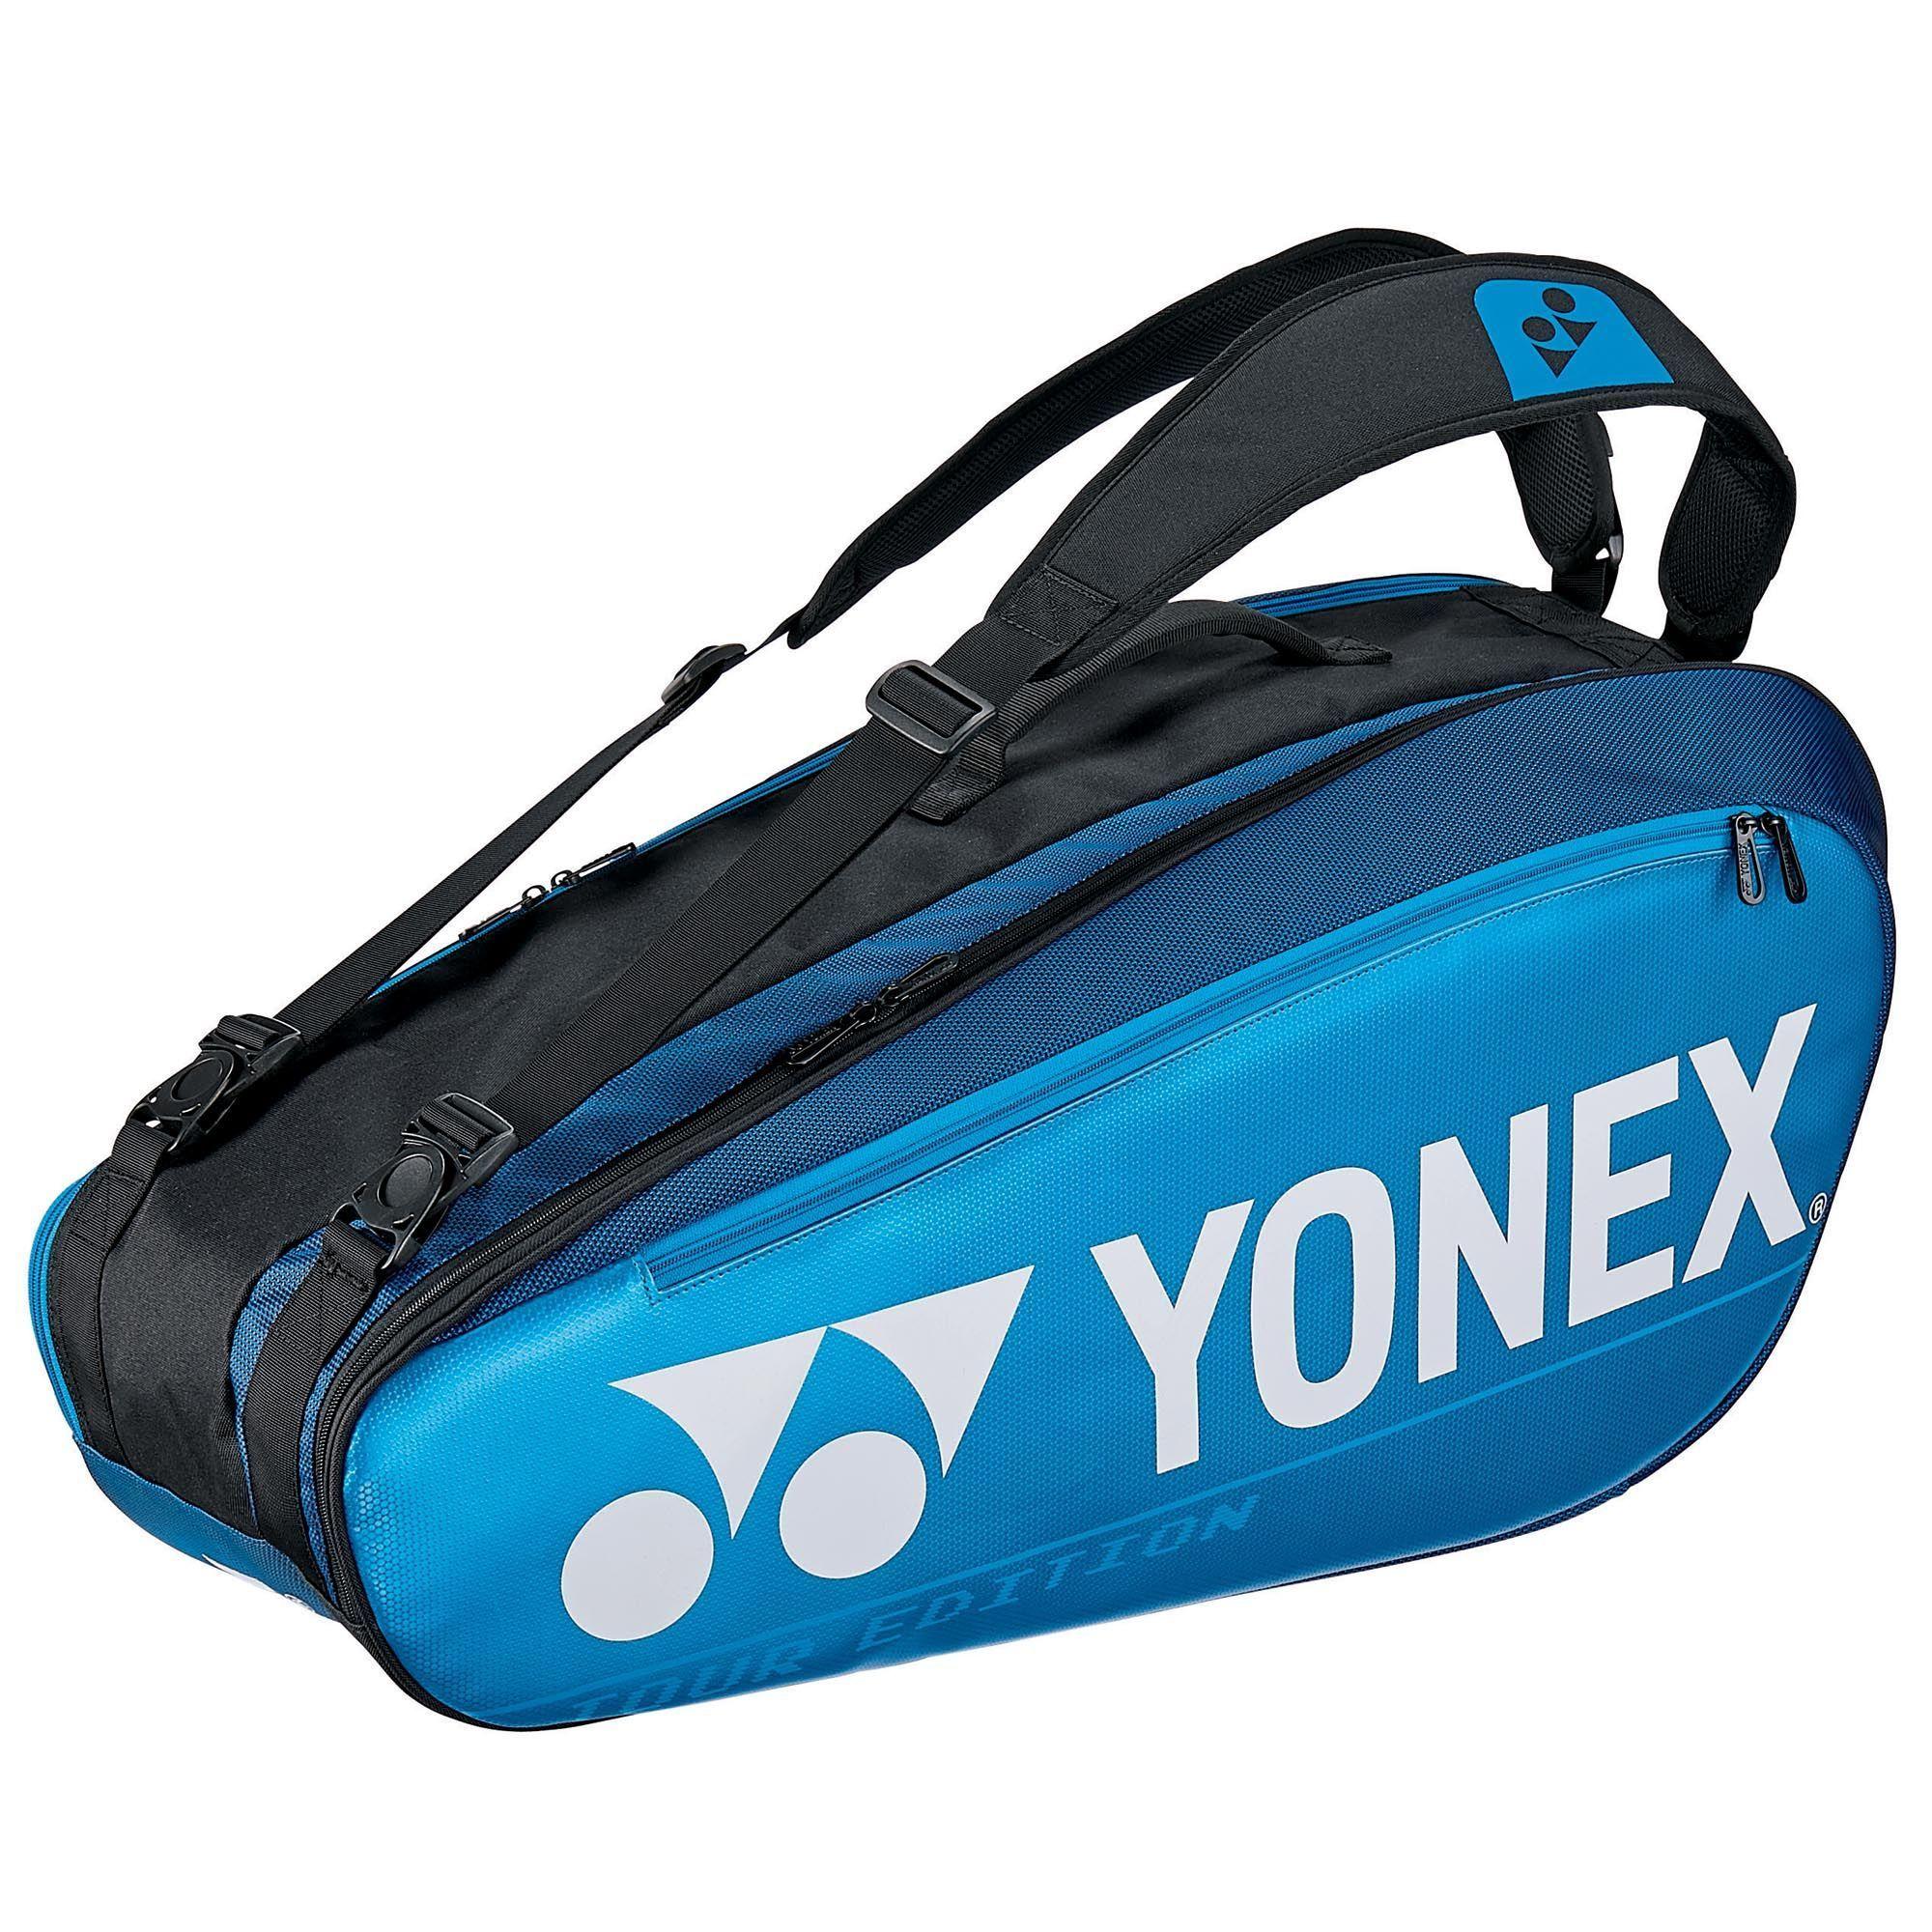 Yonex 92026 Pro Series Badminton Bag In 2020 Bags Tennis Bag Badminton Bag